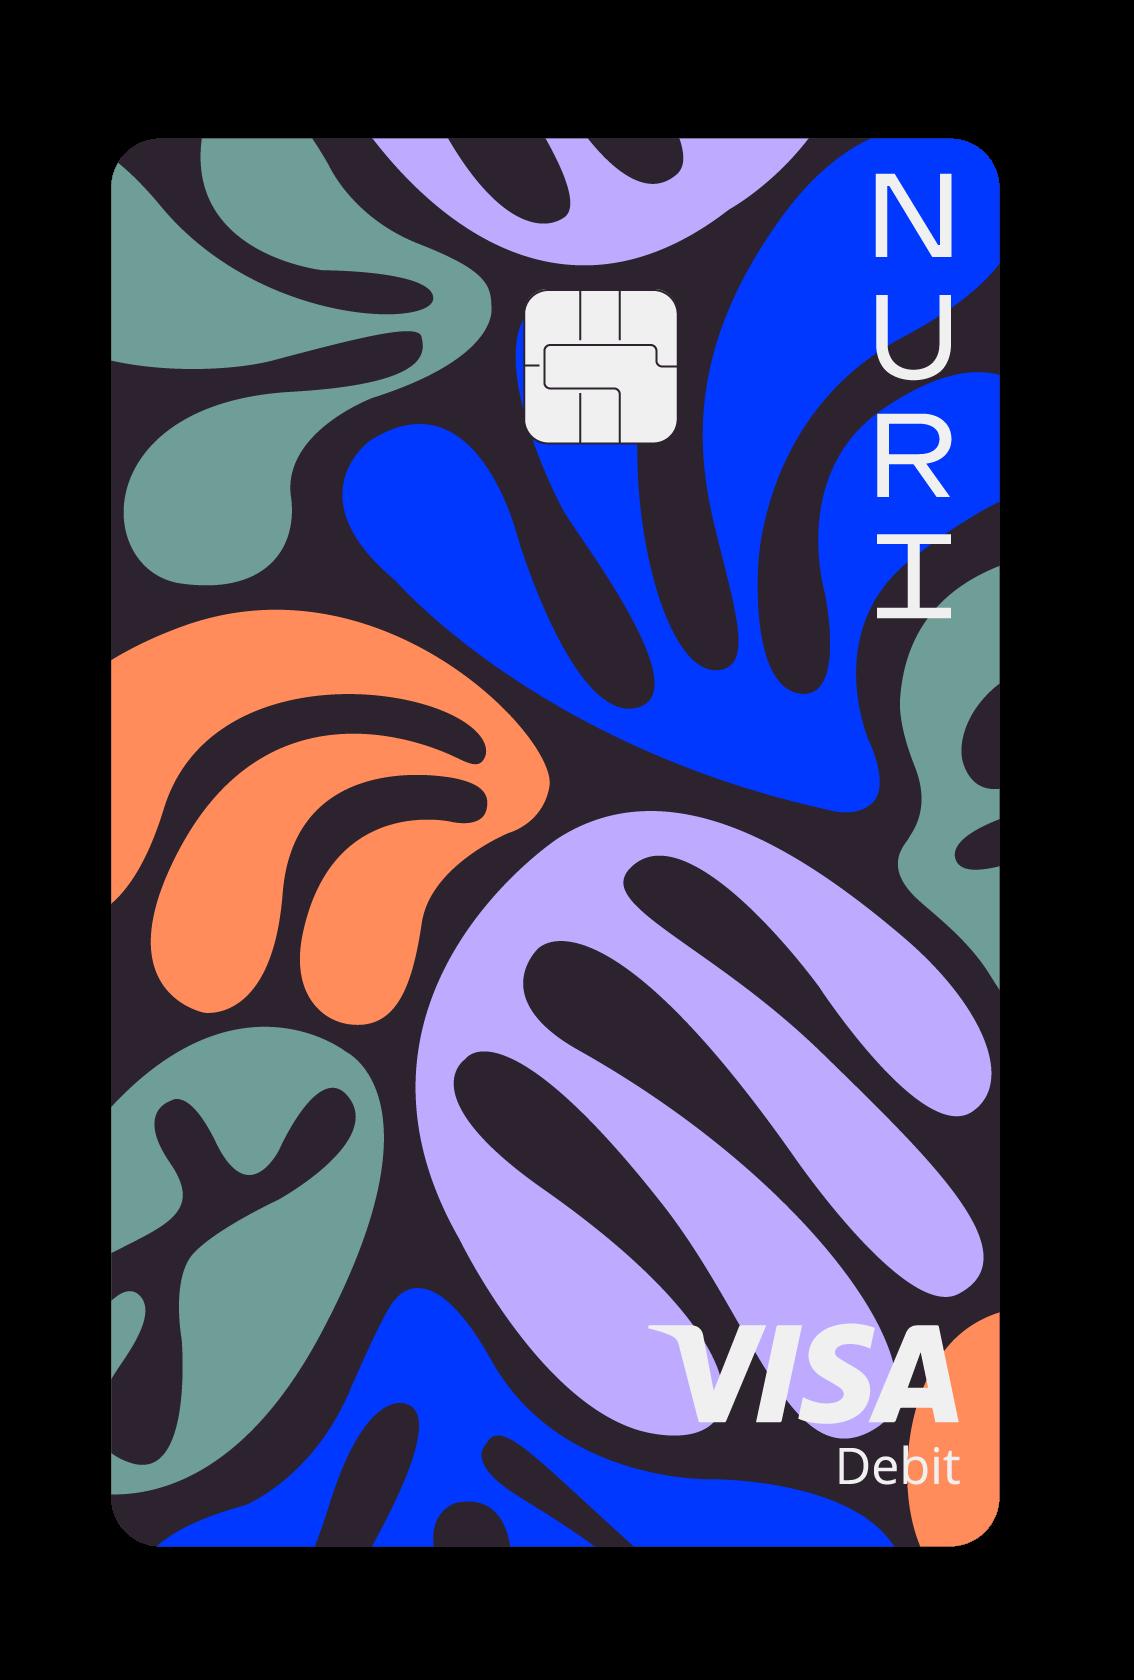 Nuri VISA-Debitkarte